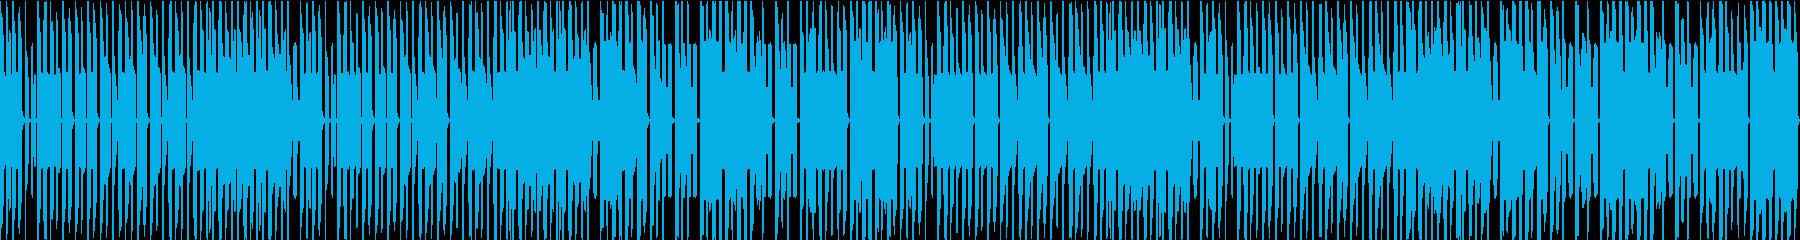 FC風ループ おかしな雰囲気の再生済みの波形